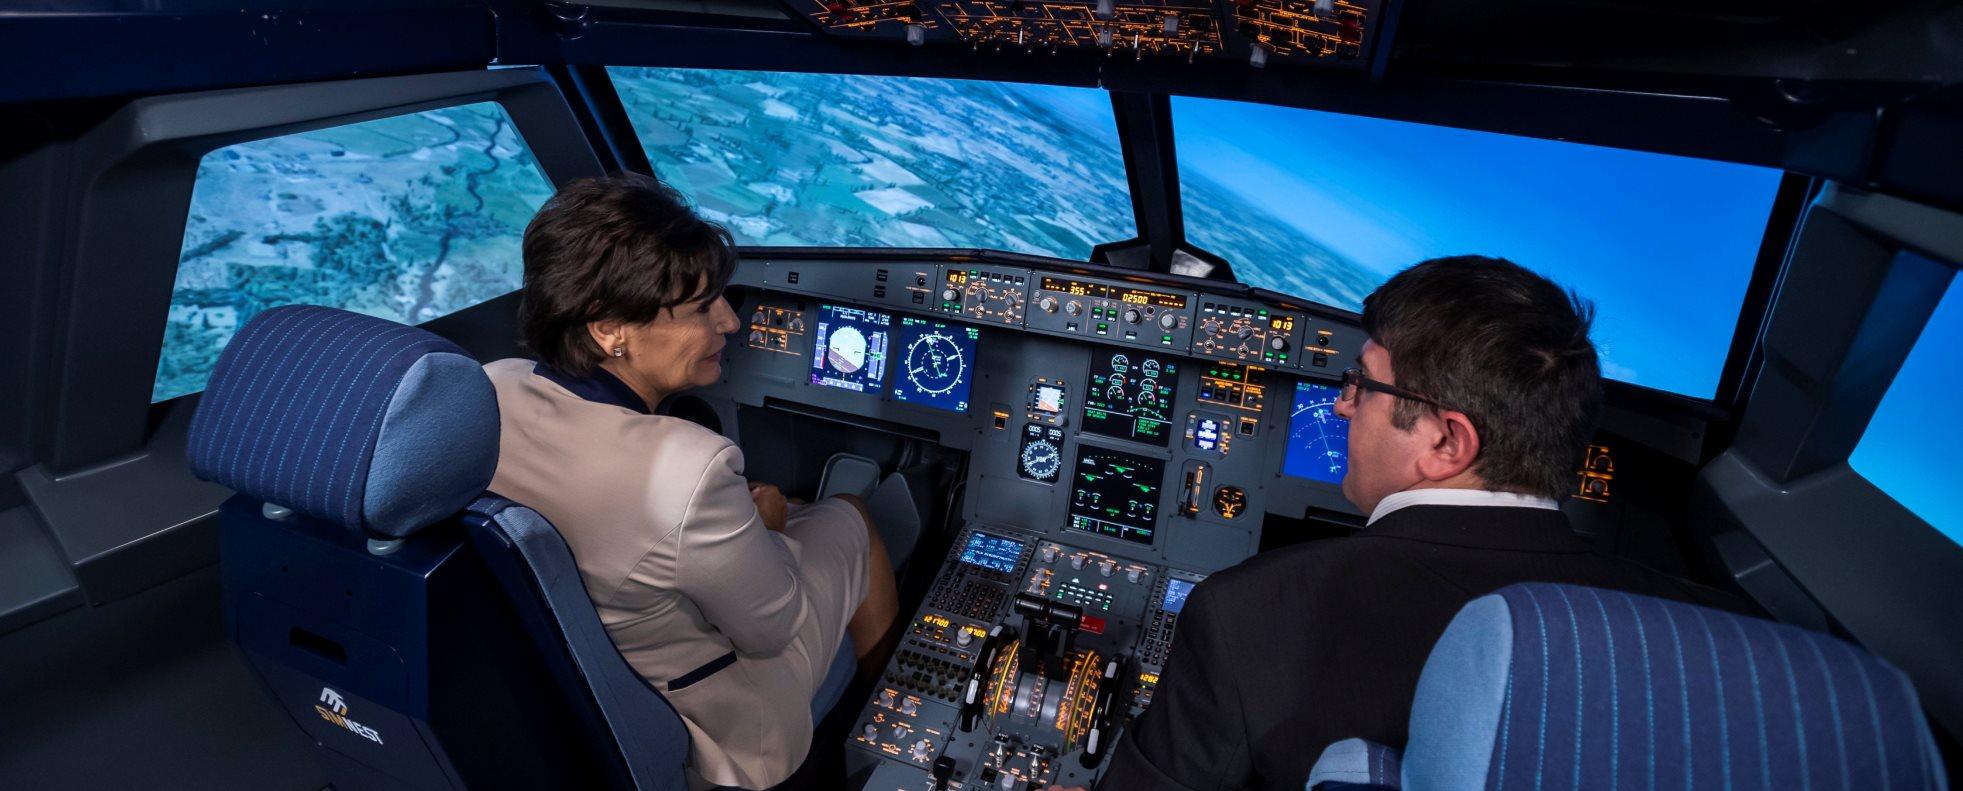 Airbus-szimulátort adtak át a csepeli műszaki szakgimnáziumban